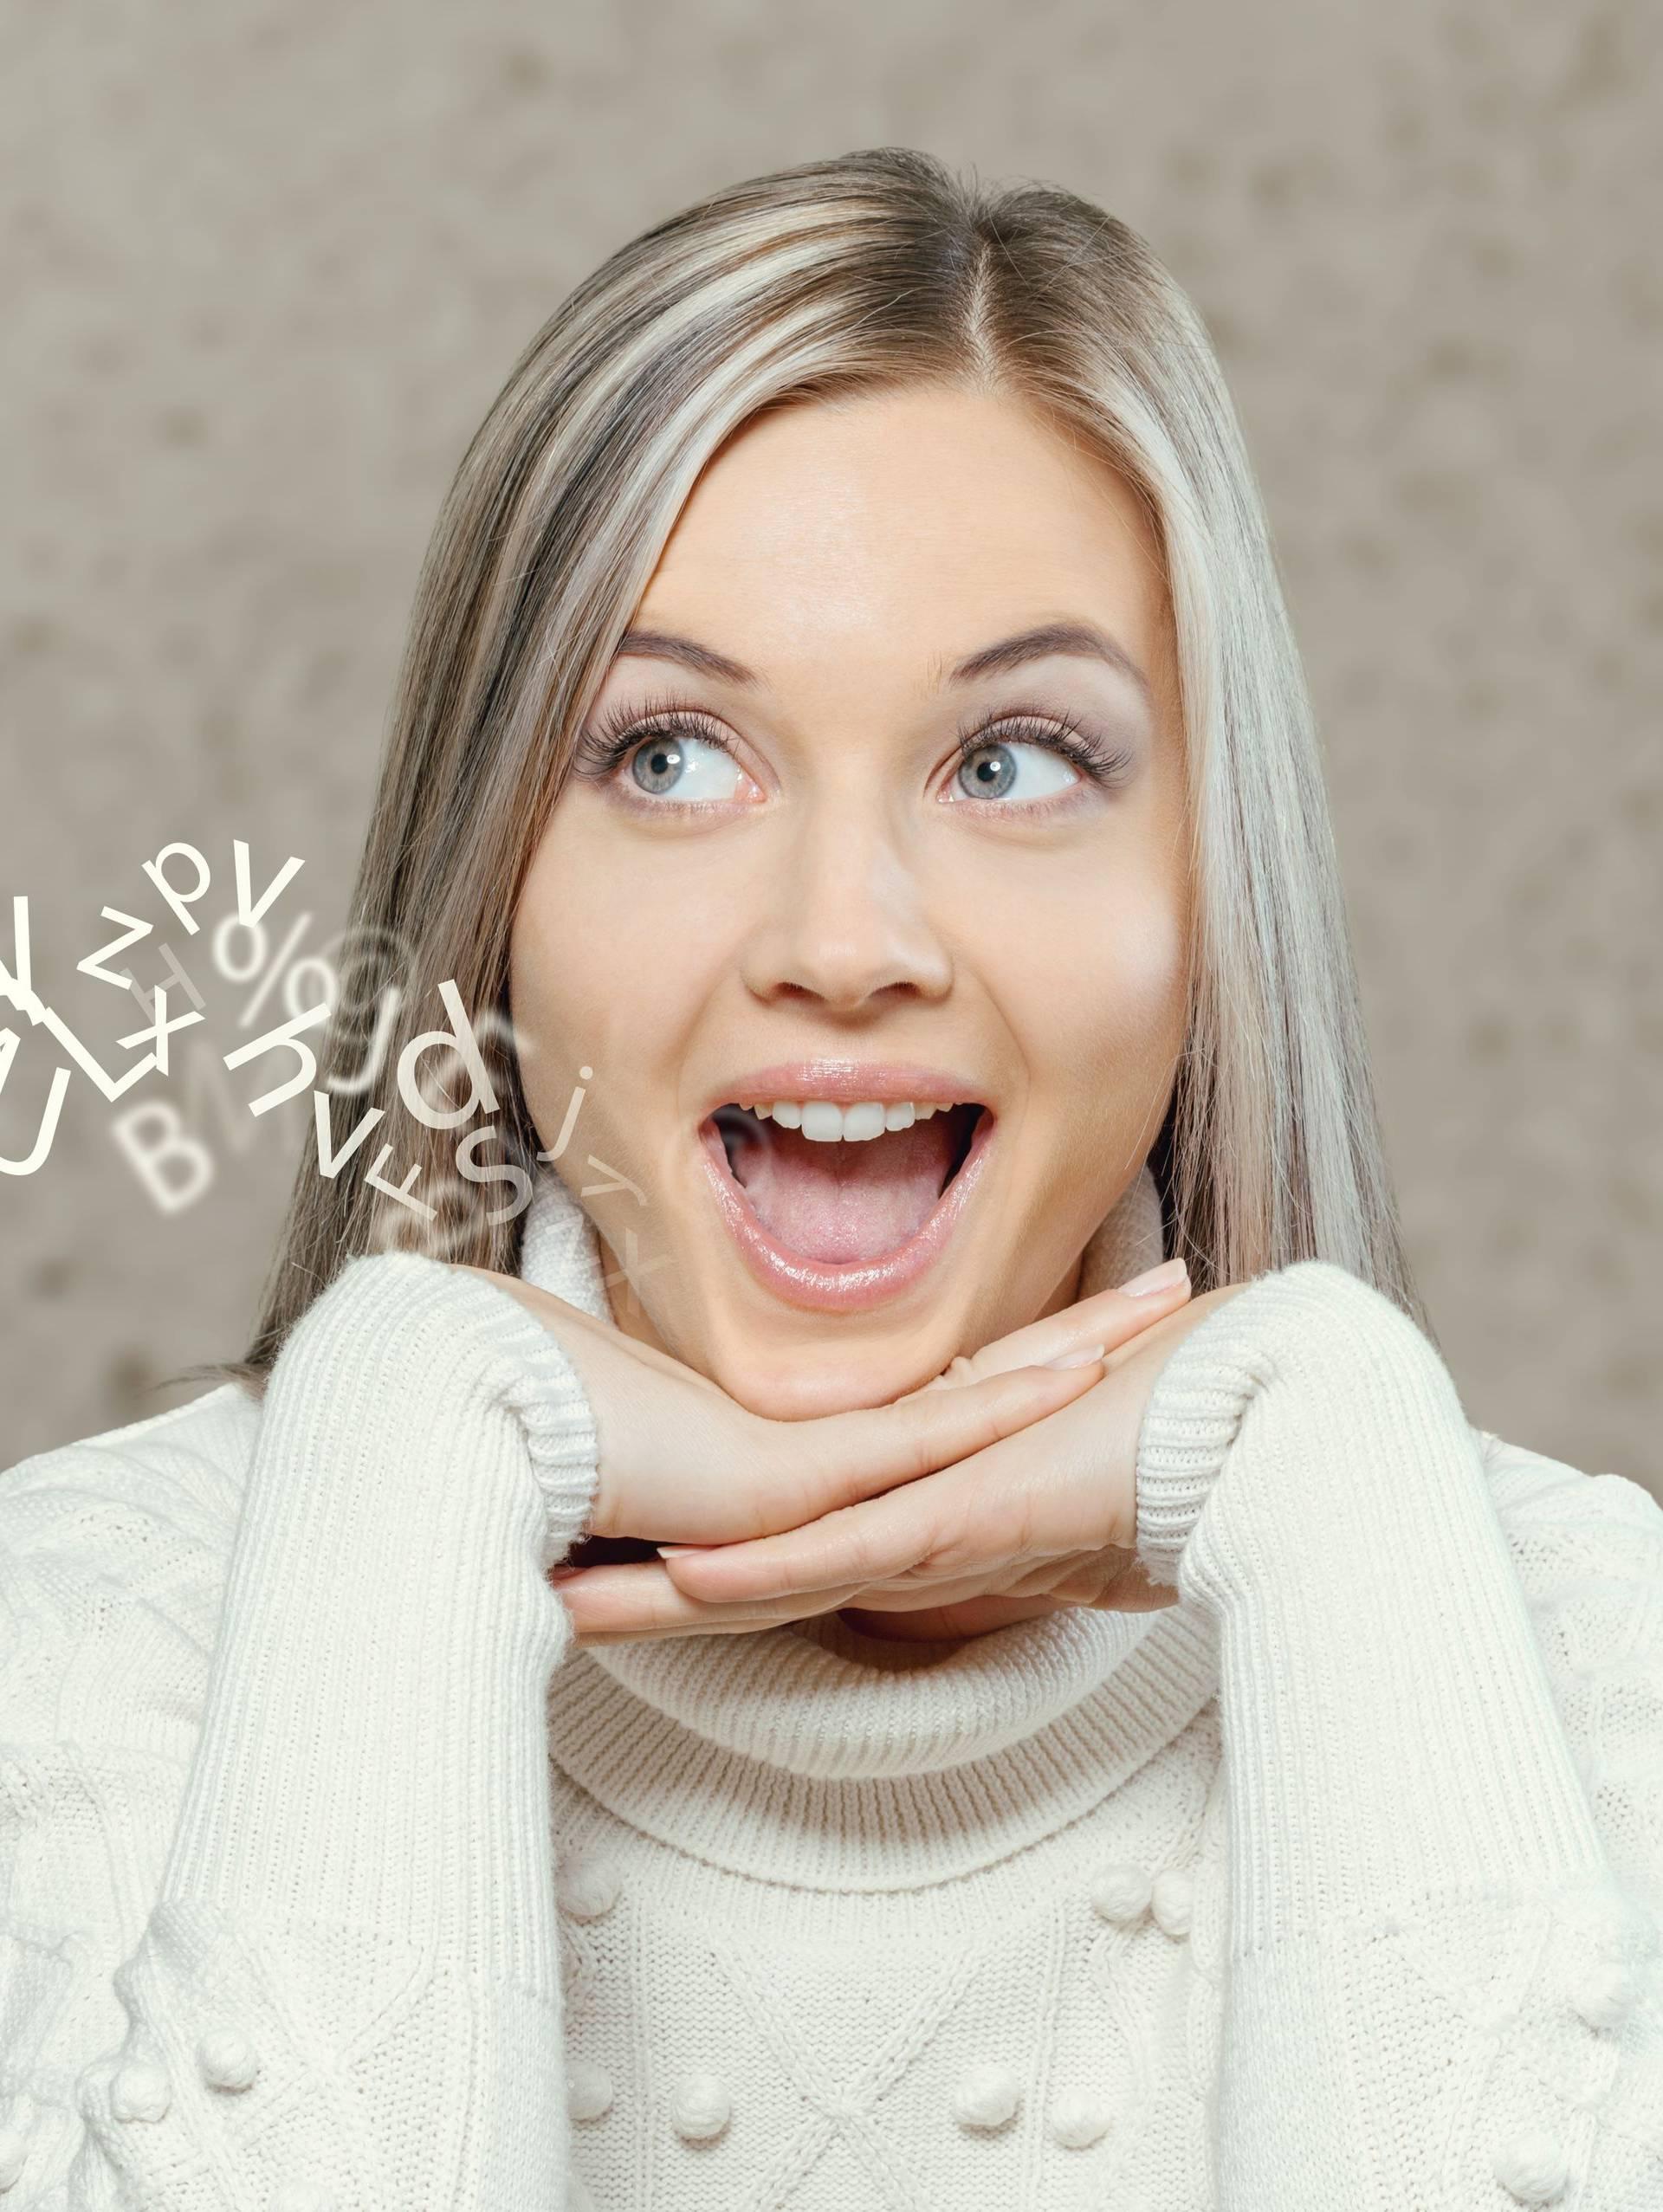 Samoglasnik u imenu otkriva dio vaše osobnosti - provjerite